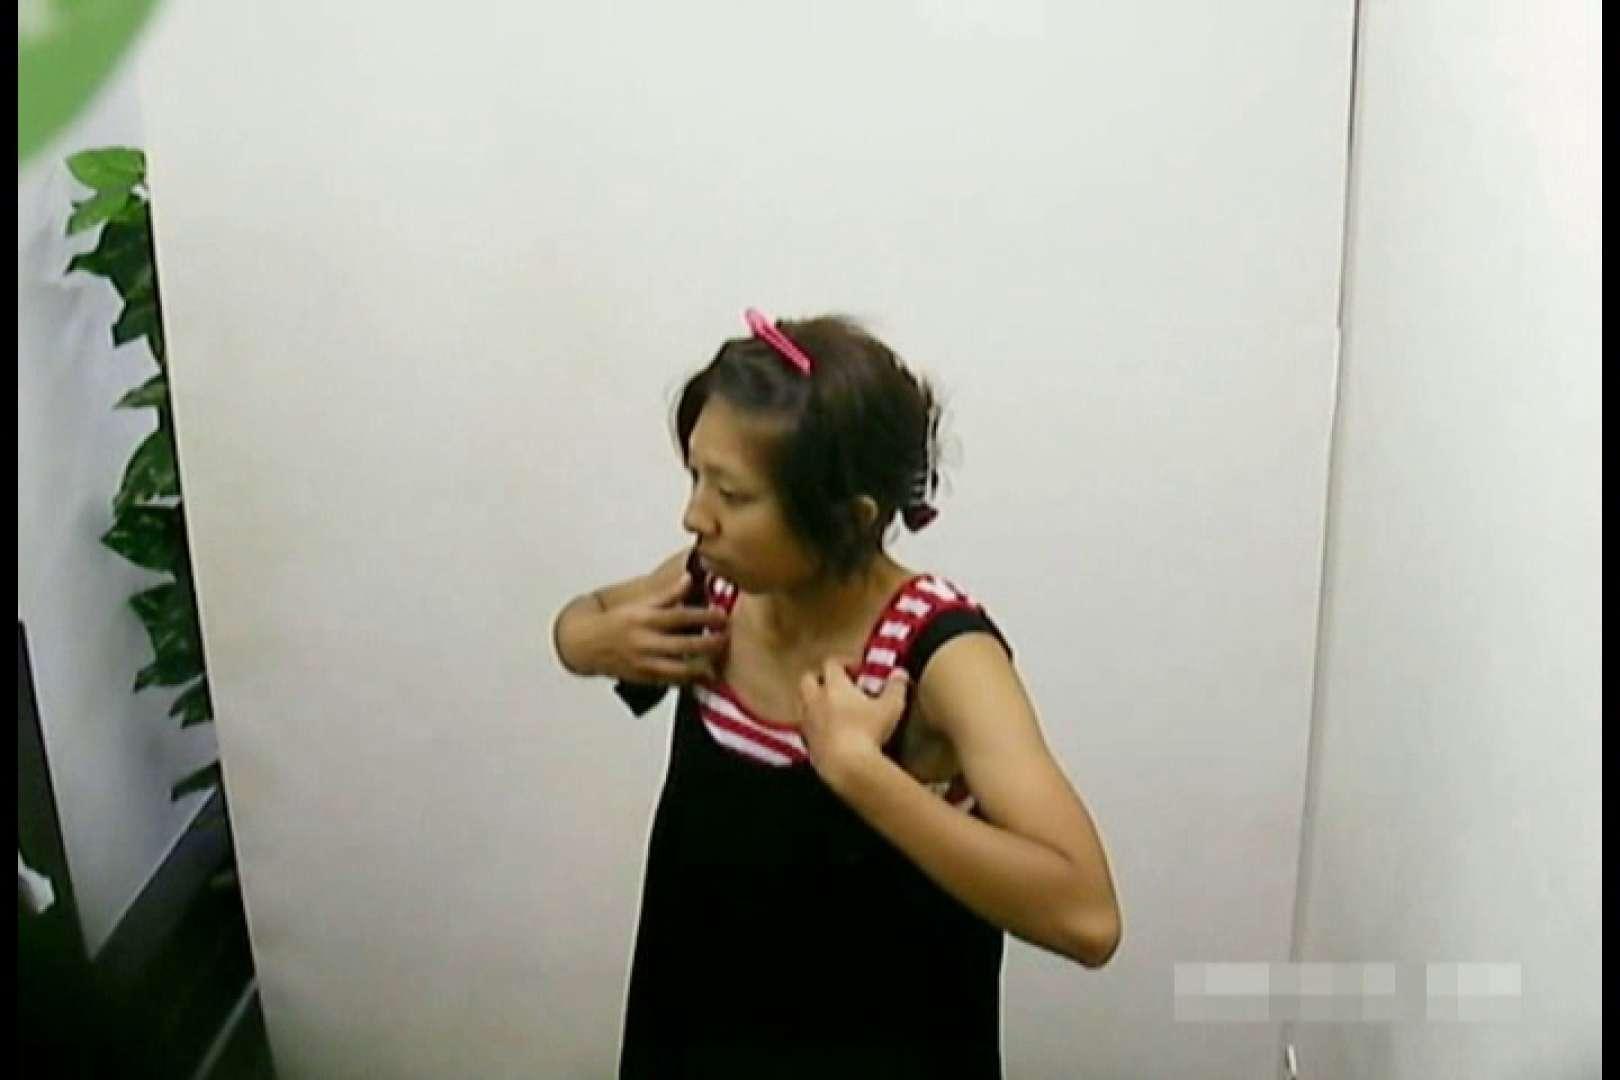 素人撮影 下着だけの撮影のはずが・・・エミちゃん18歳 おっぱい  44連発 4